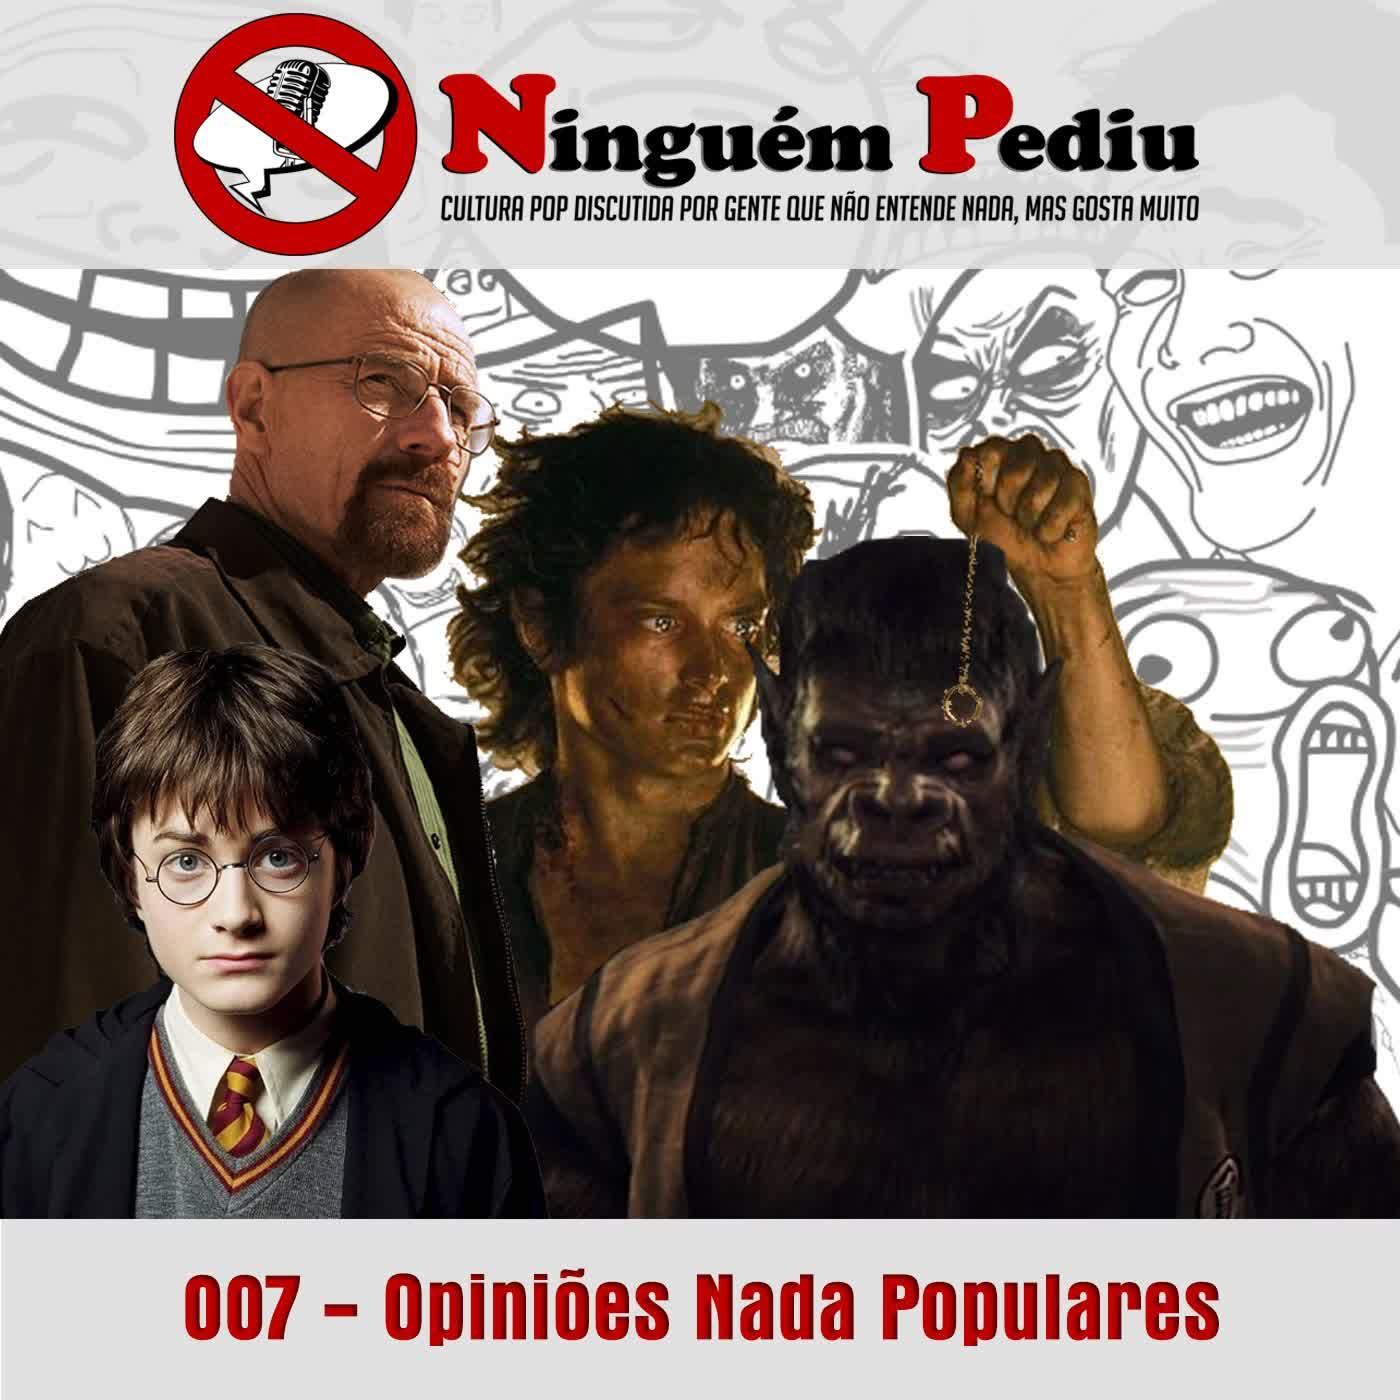 007 - Opiniões Nada Populares